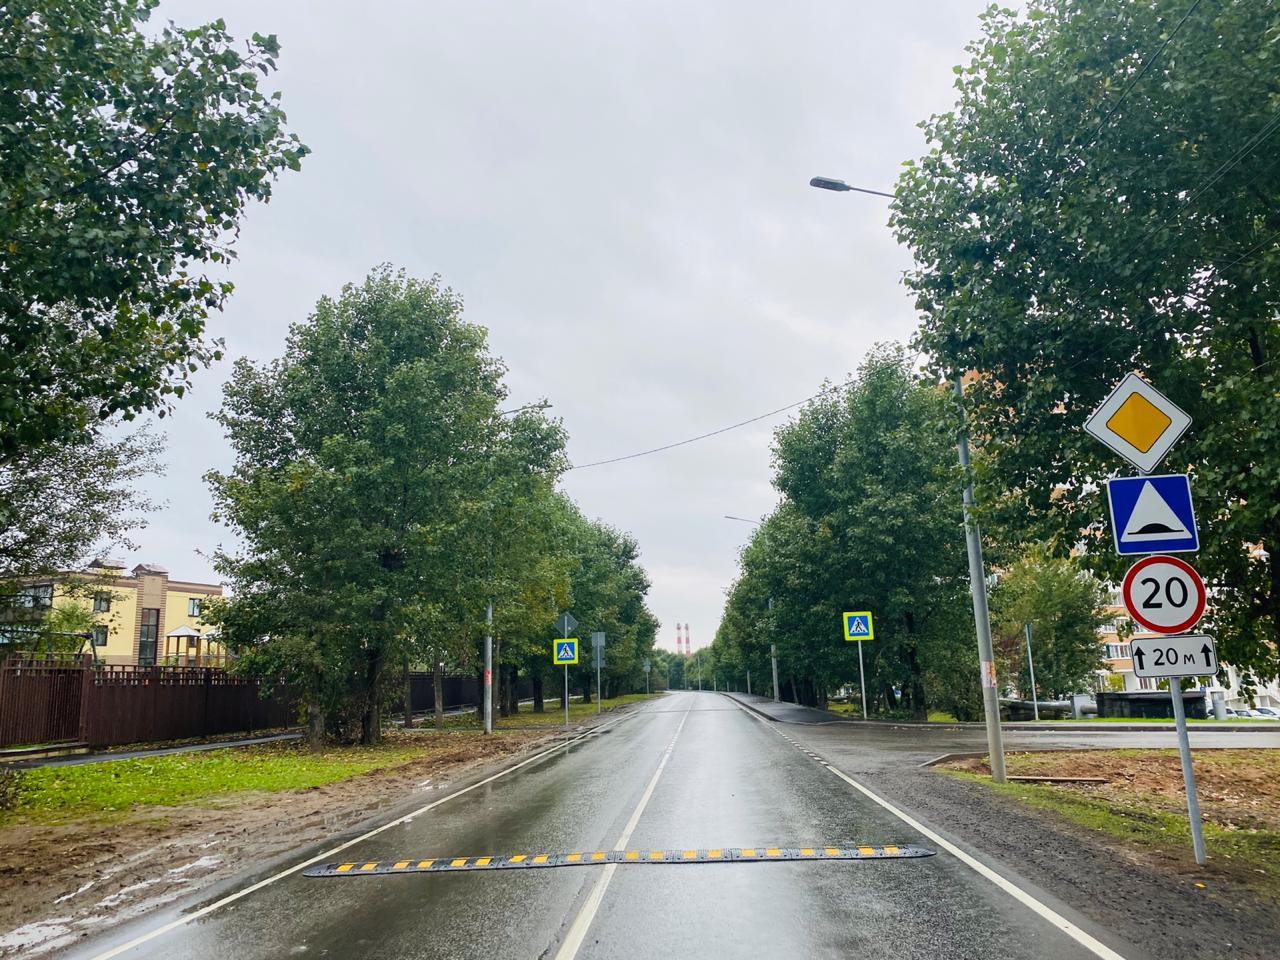 Безопасность на дорогах: опознавательные знаки поставили на проезжей части в Филимонковском